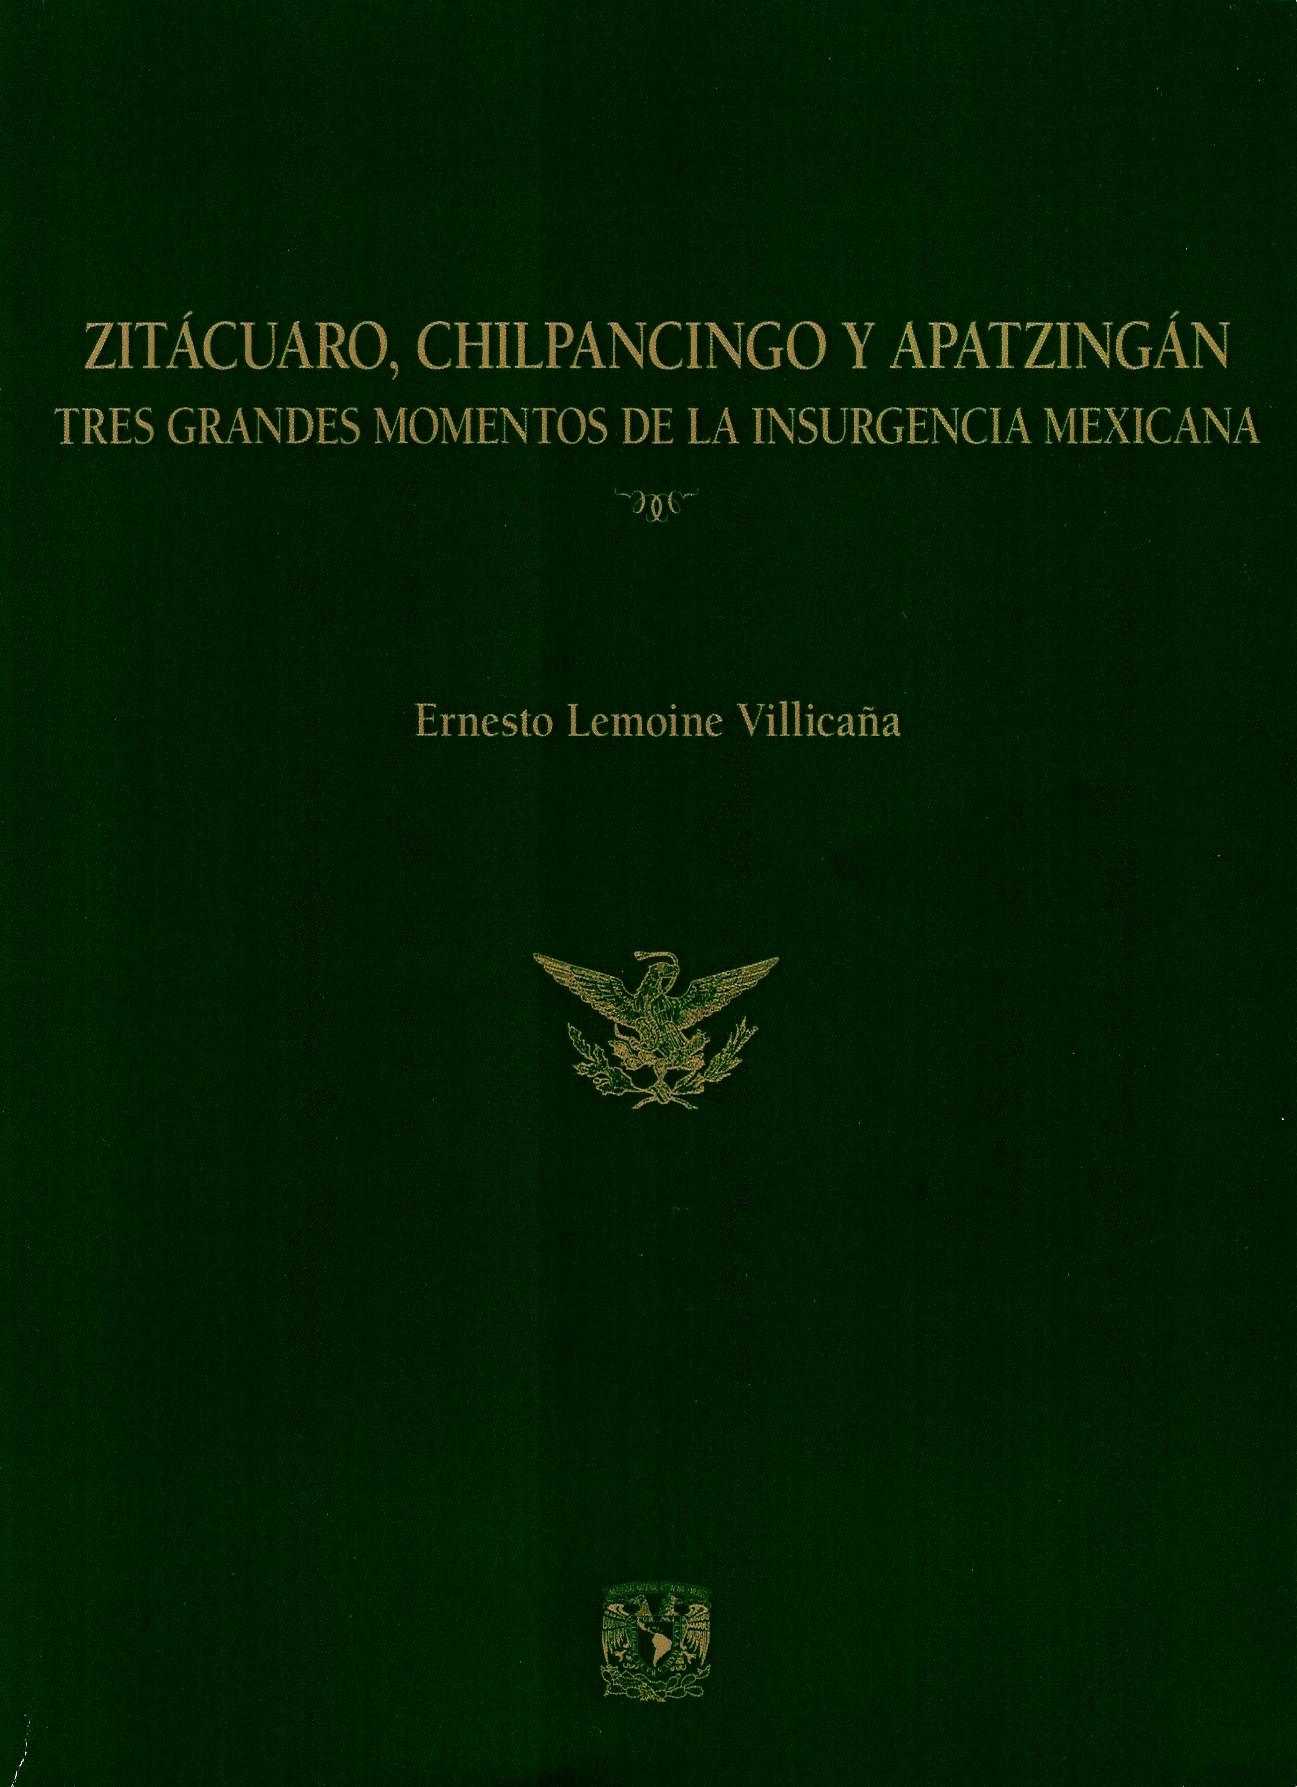 Zitácuaro, Chilpancingo y Apatzingán. Tres grandes momentos de la insurgencia mexicana